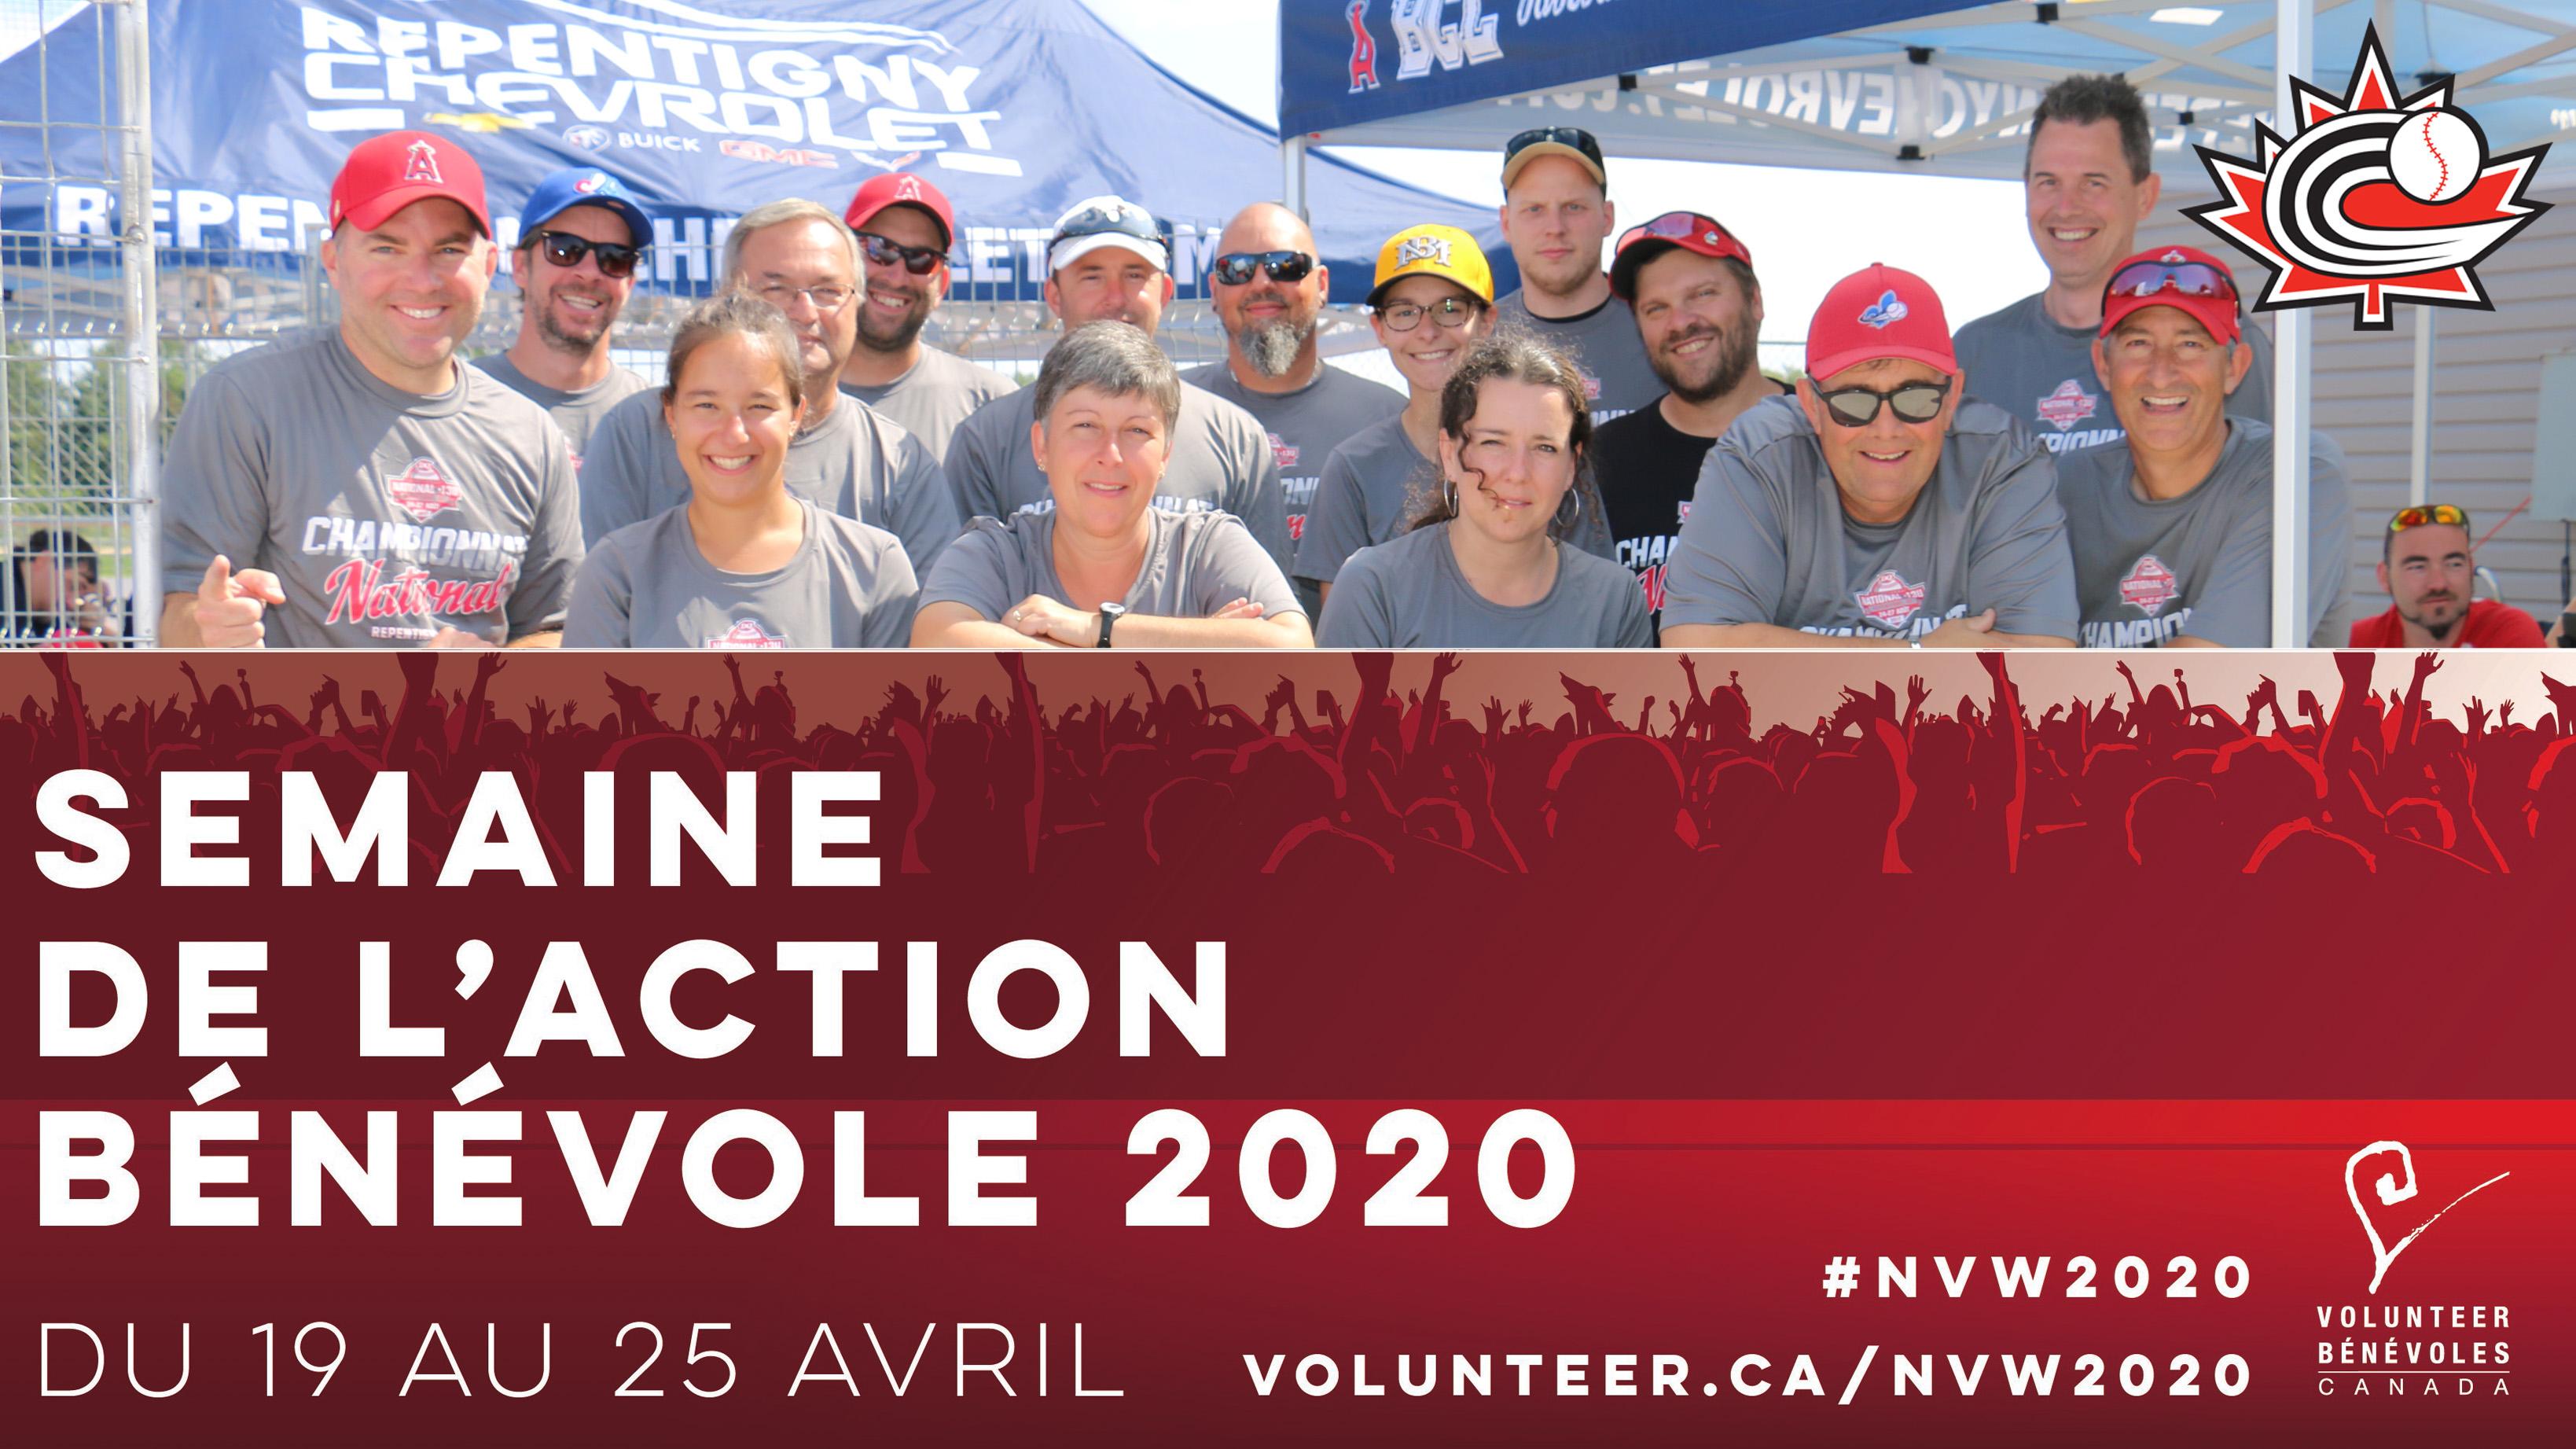 SEMAINE NATIONALE DE L'ACTION BÉNÉVOLE: Merci aux bénévoles de baseball